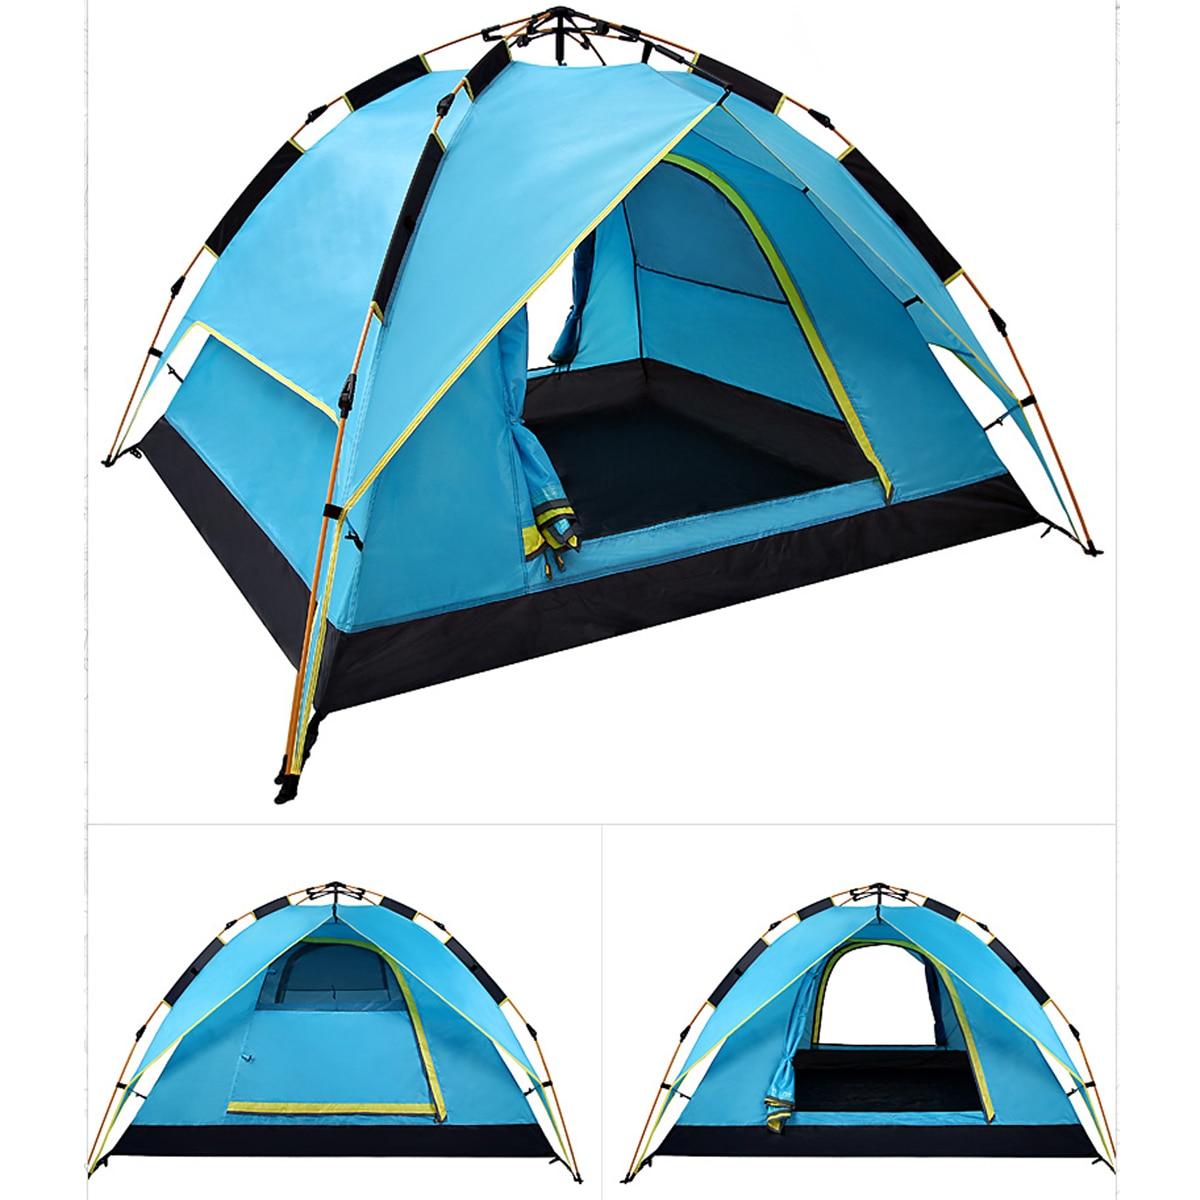 3/4 personne Automatique Tente Plage Tente Deux-couche Double Tente Tente De Loisirs 200*200*135 cm 190 t Polyester PU Vert/Bleu